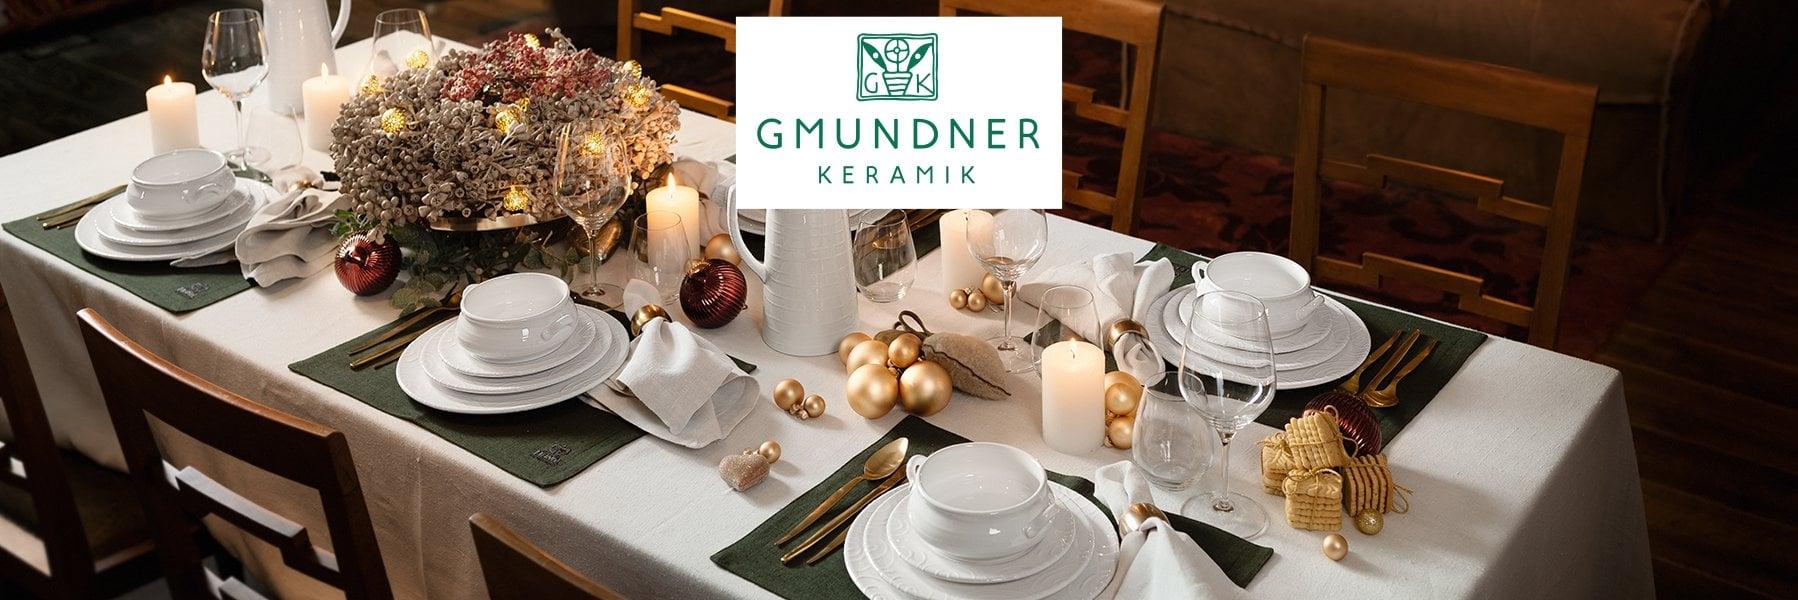 Manodopera di qualità con le ceramiche Gmundner